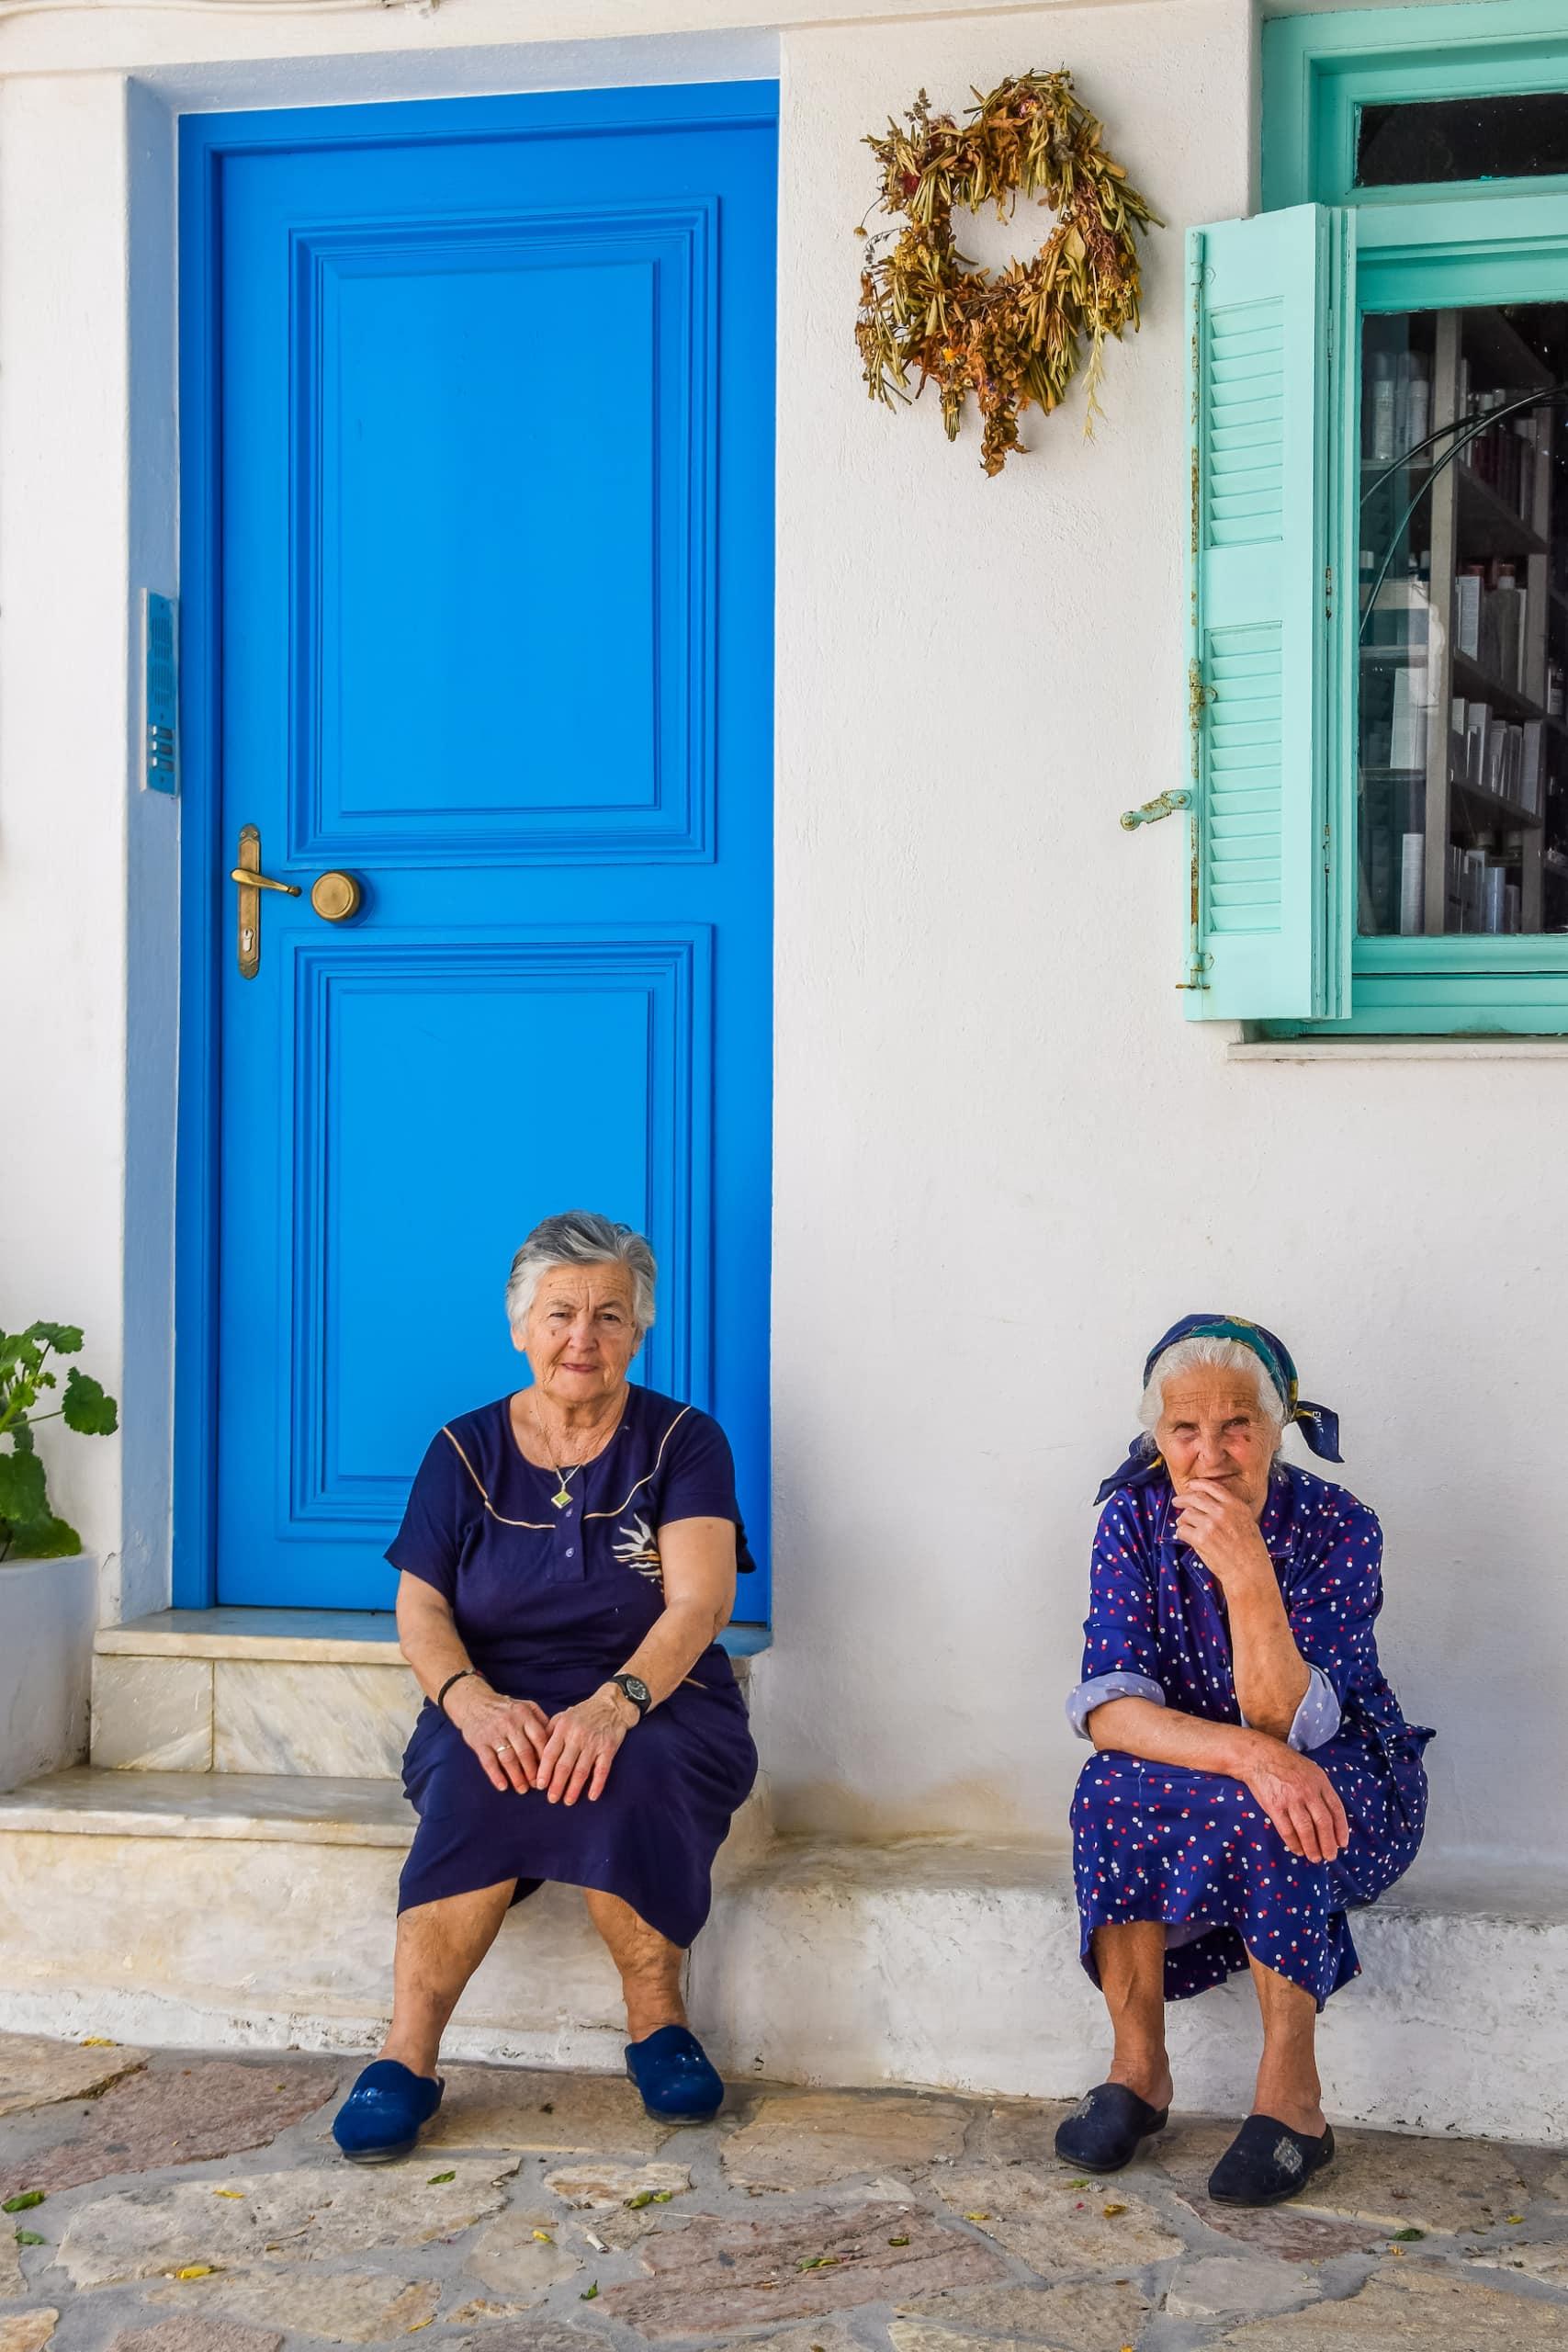 Zwei ältere Damen sitzen vor blauer Haustür auf einer griechischen Insel